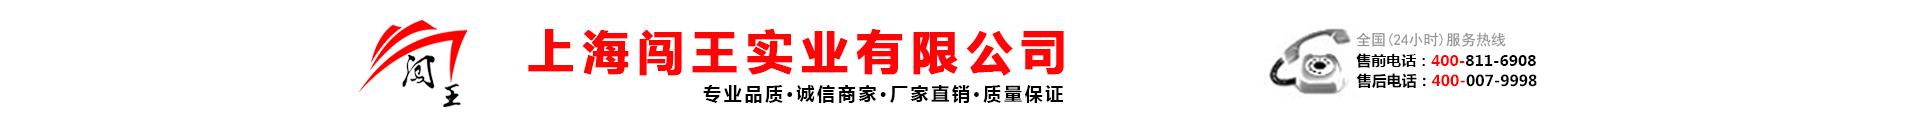 上海闖王實業有限公司